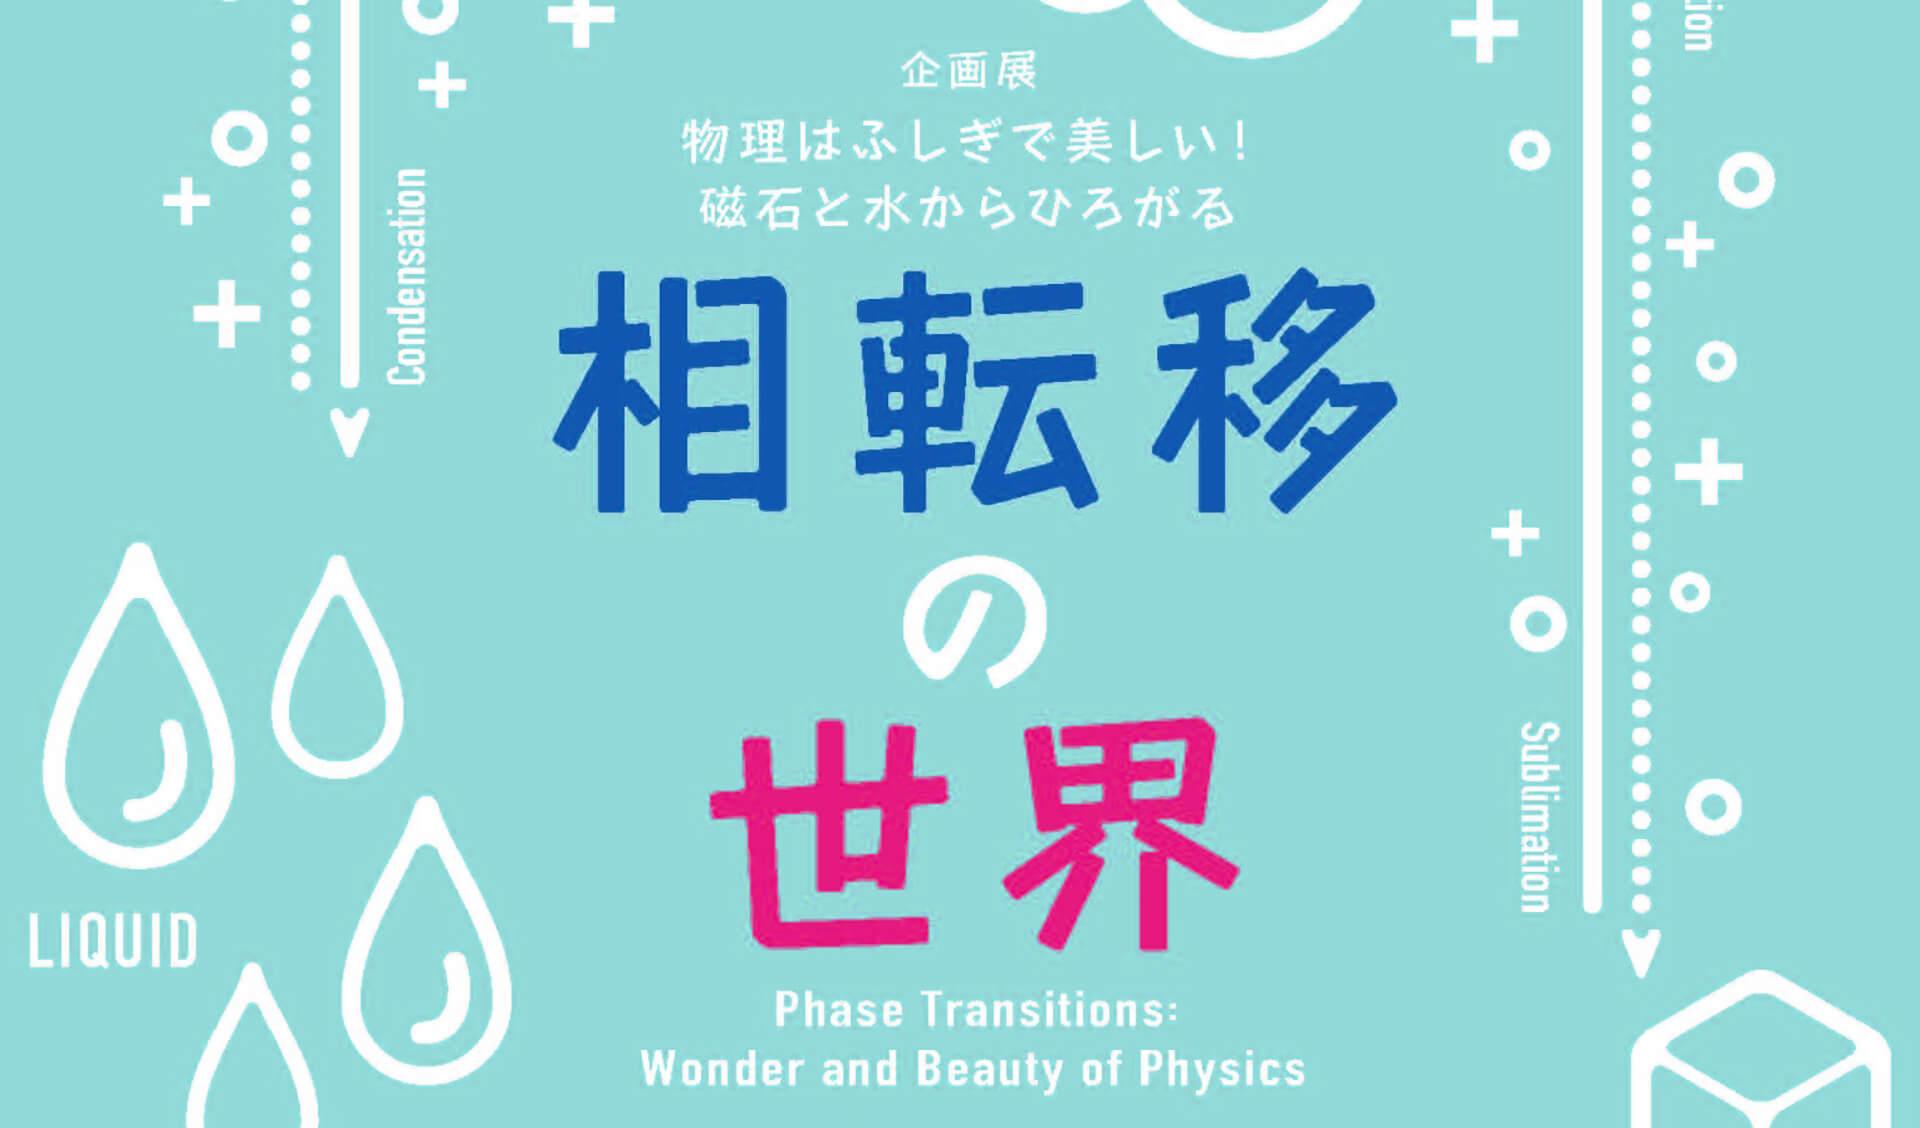 企画展「物理はふしぎで美しい! 磁石と水からひろがる相転移の世界」バナー